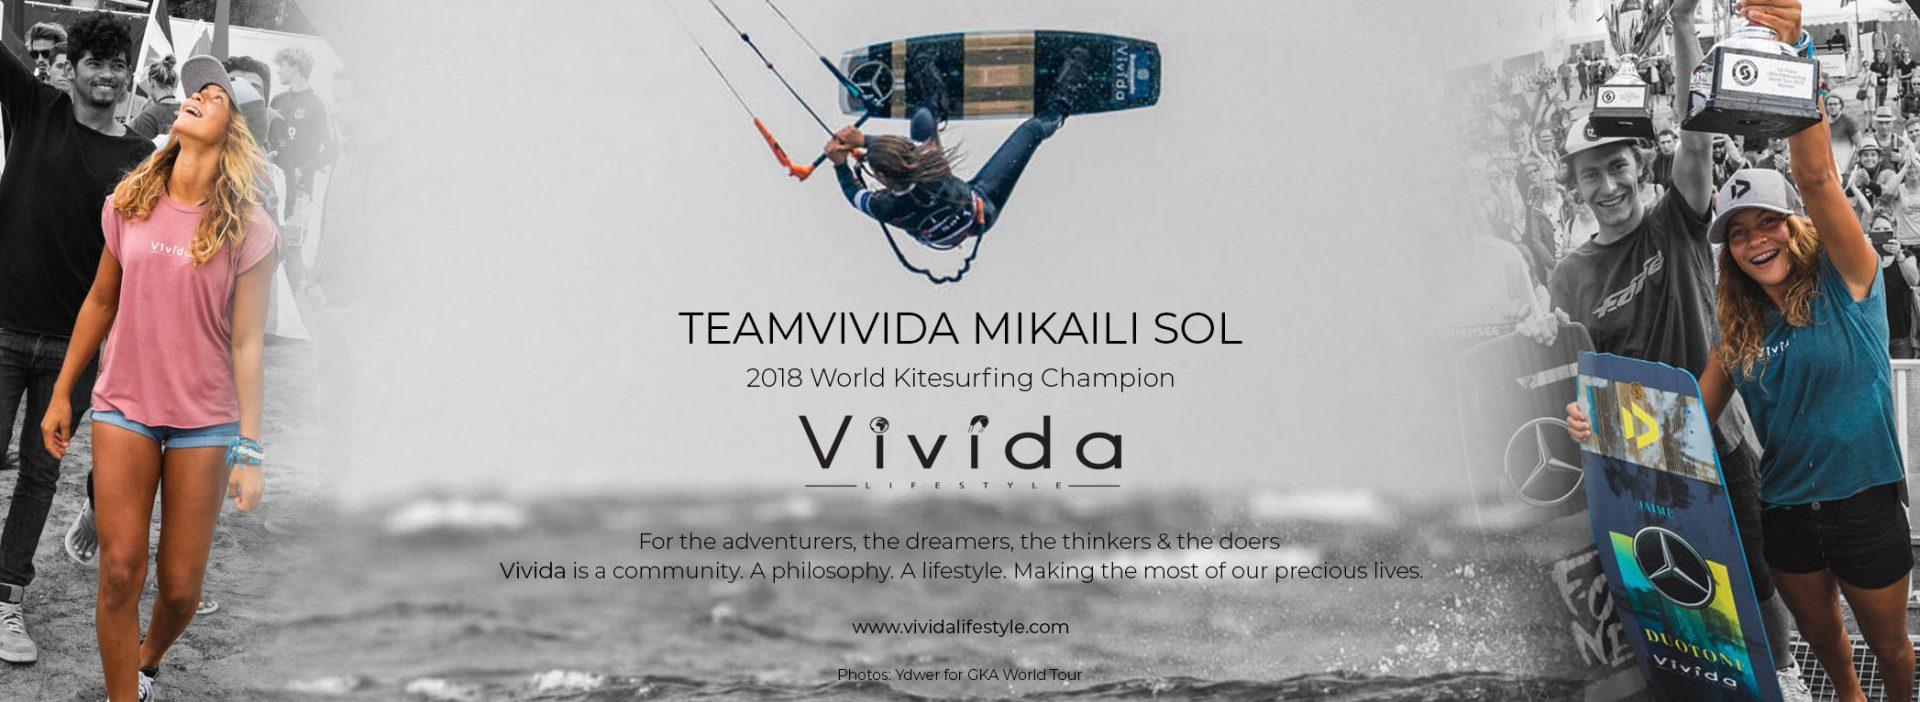 Vivida Lifestyle : création d'une bannière graphique